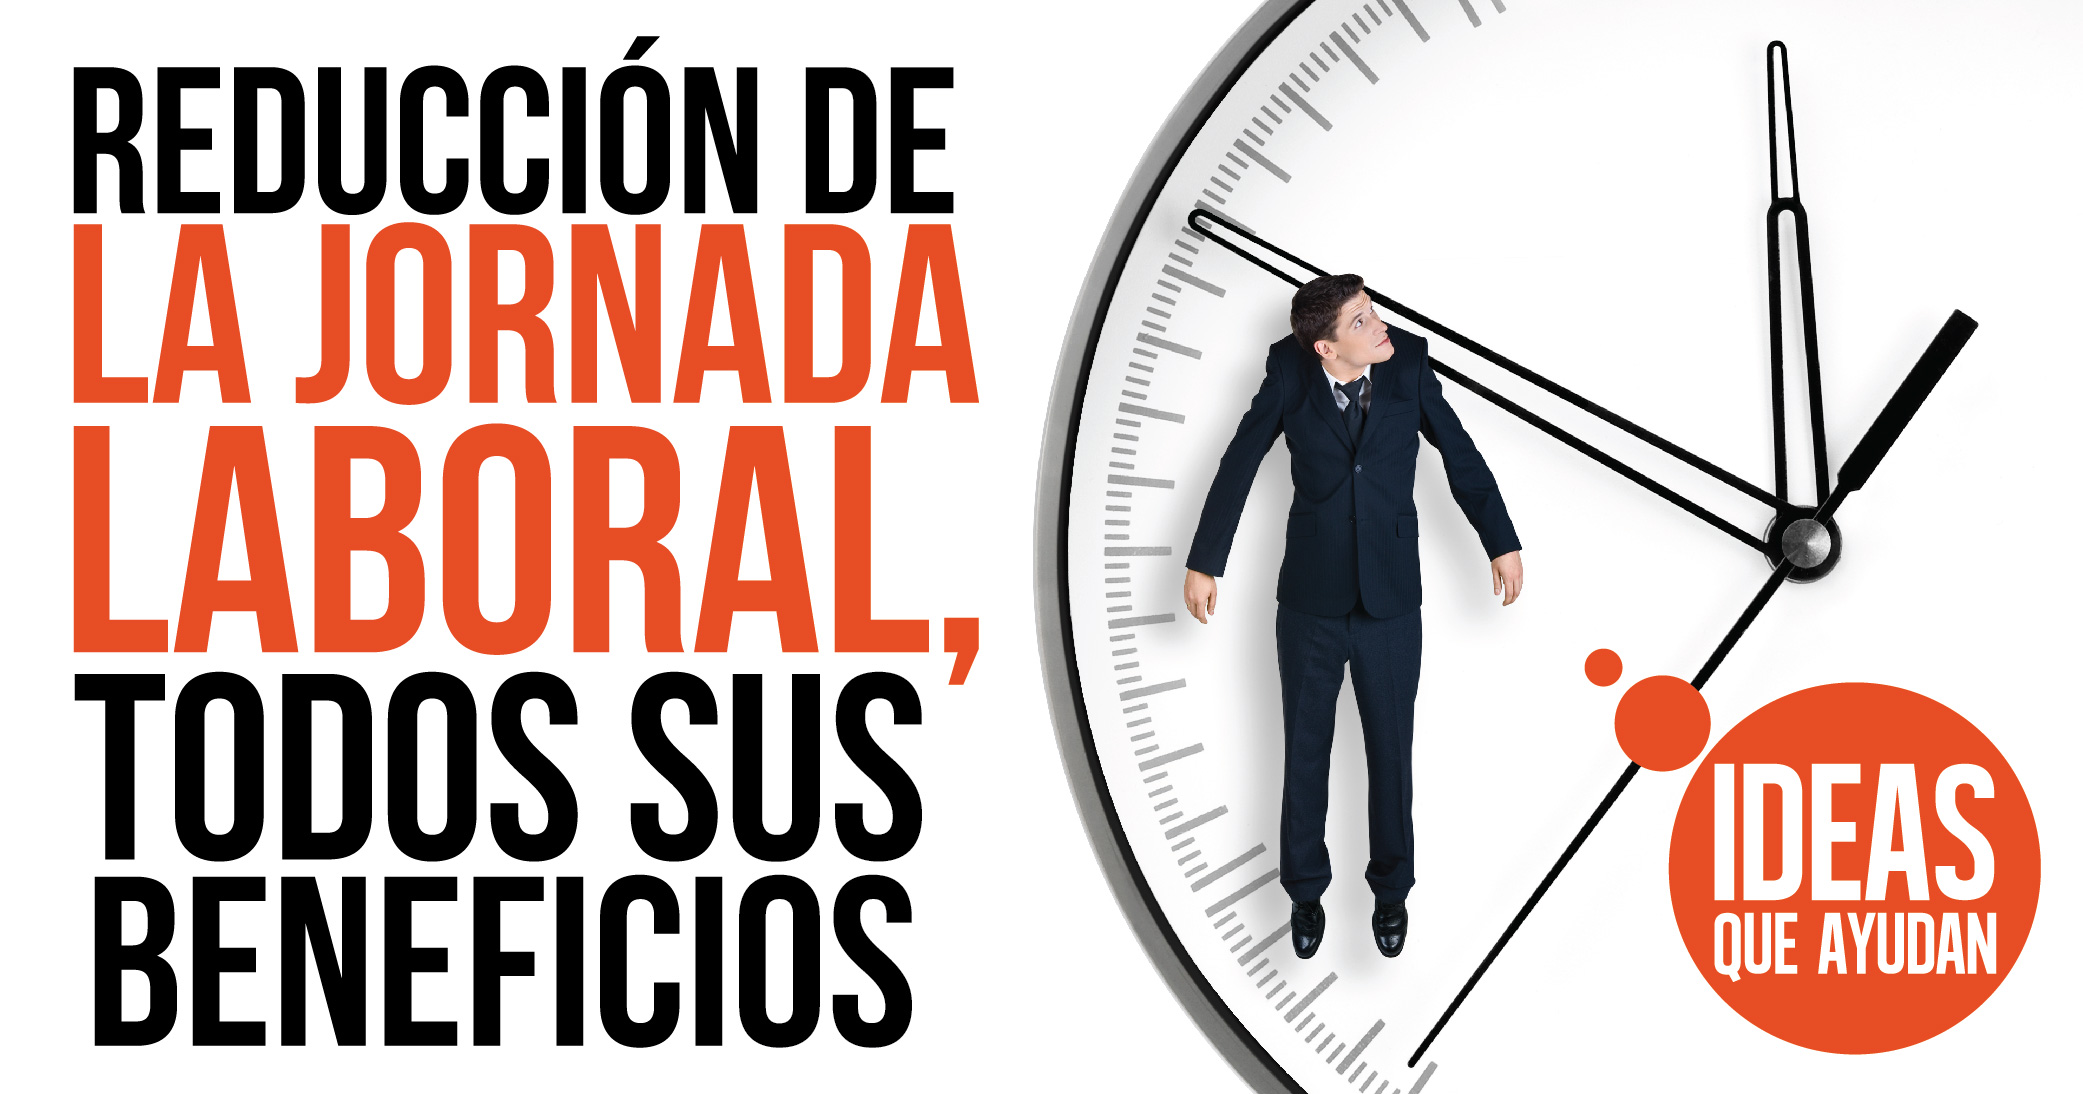 Reducción de la jornada laboral